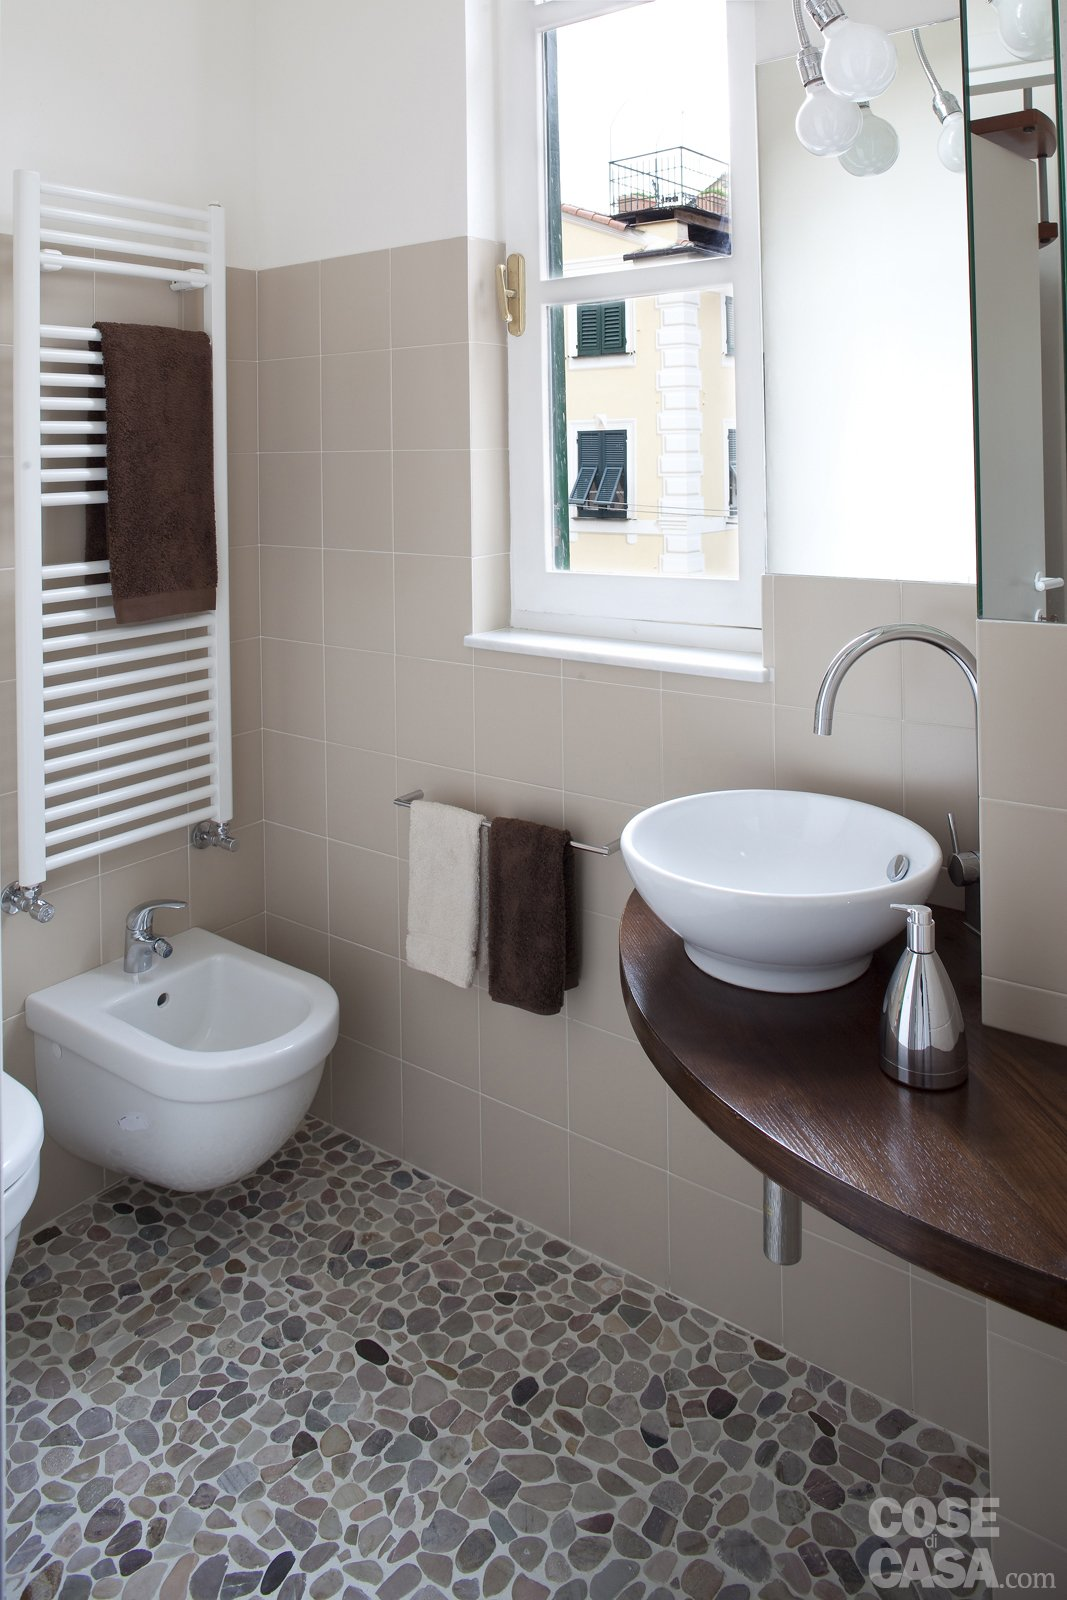 48 mq bilocale su due livelli cose di casa for 2 piani letto 2 bagni